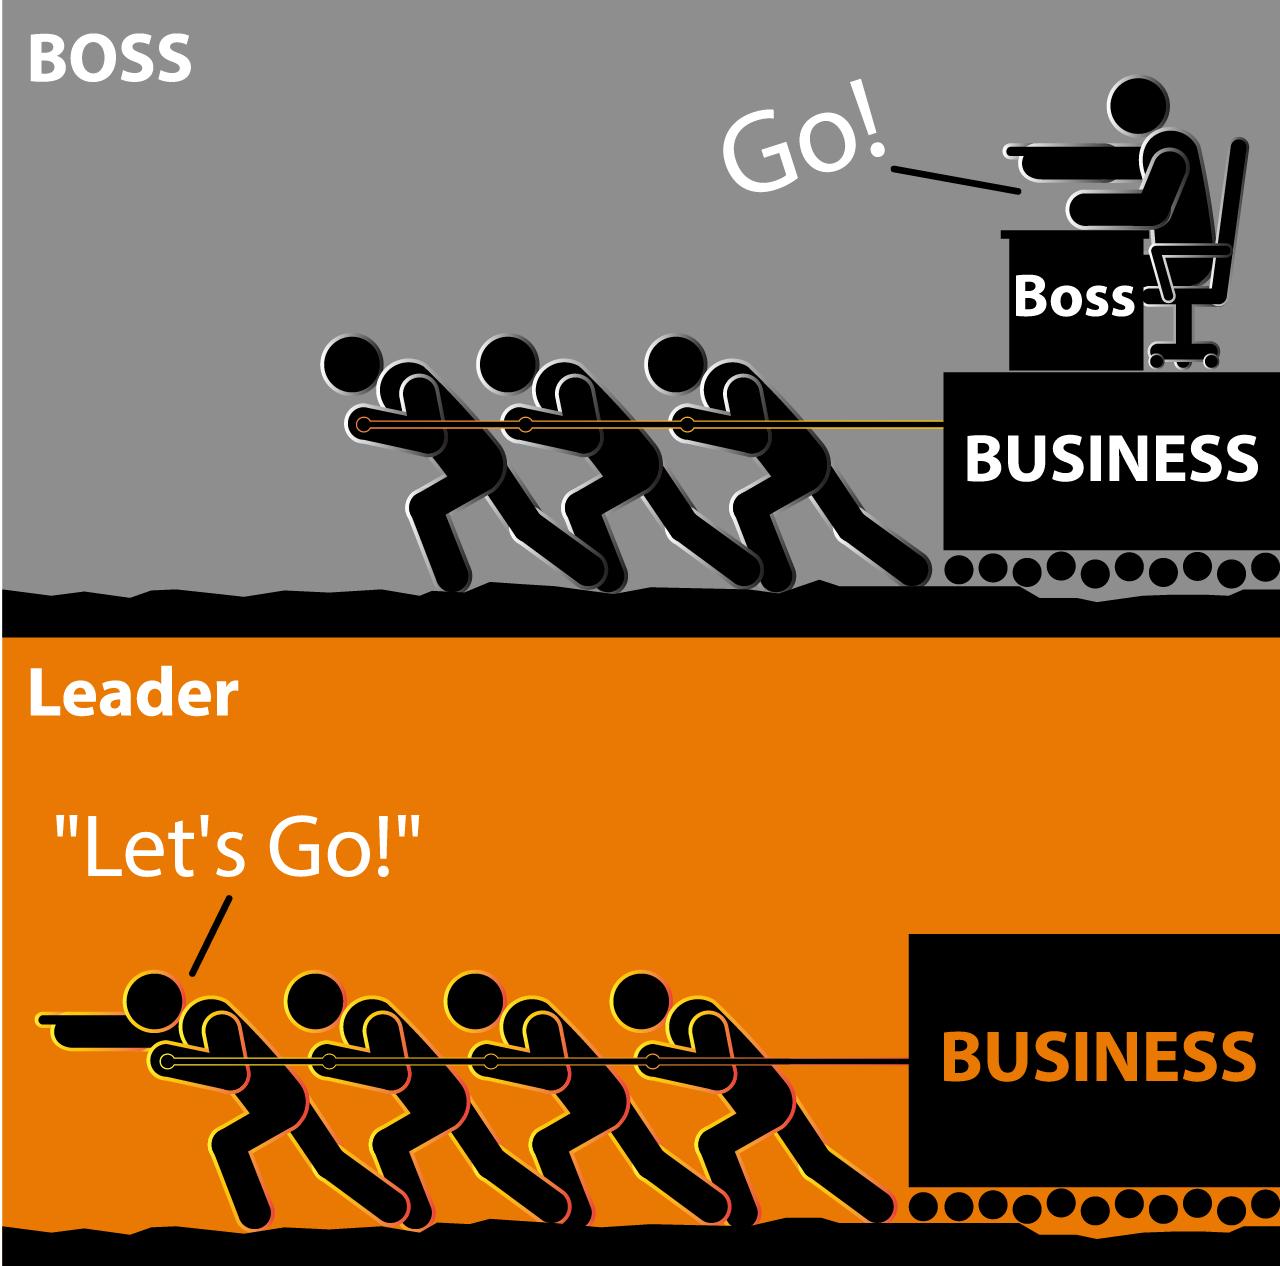 Koniec ery liderów nakazujących